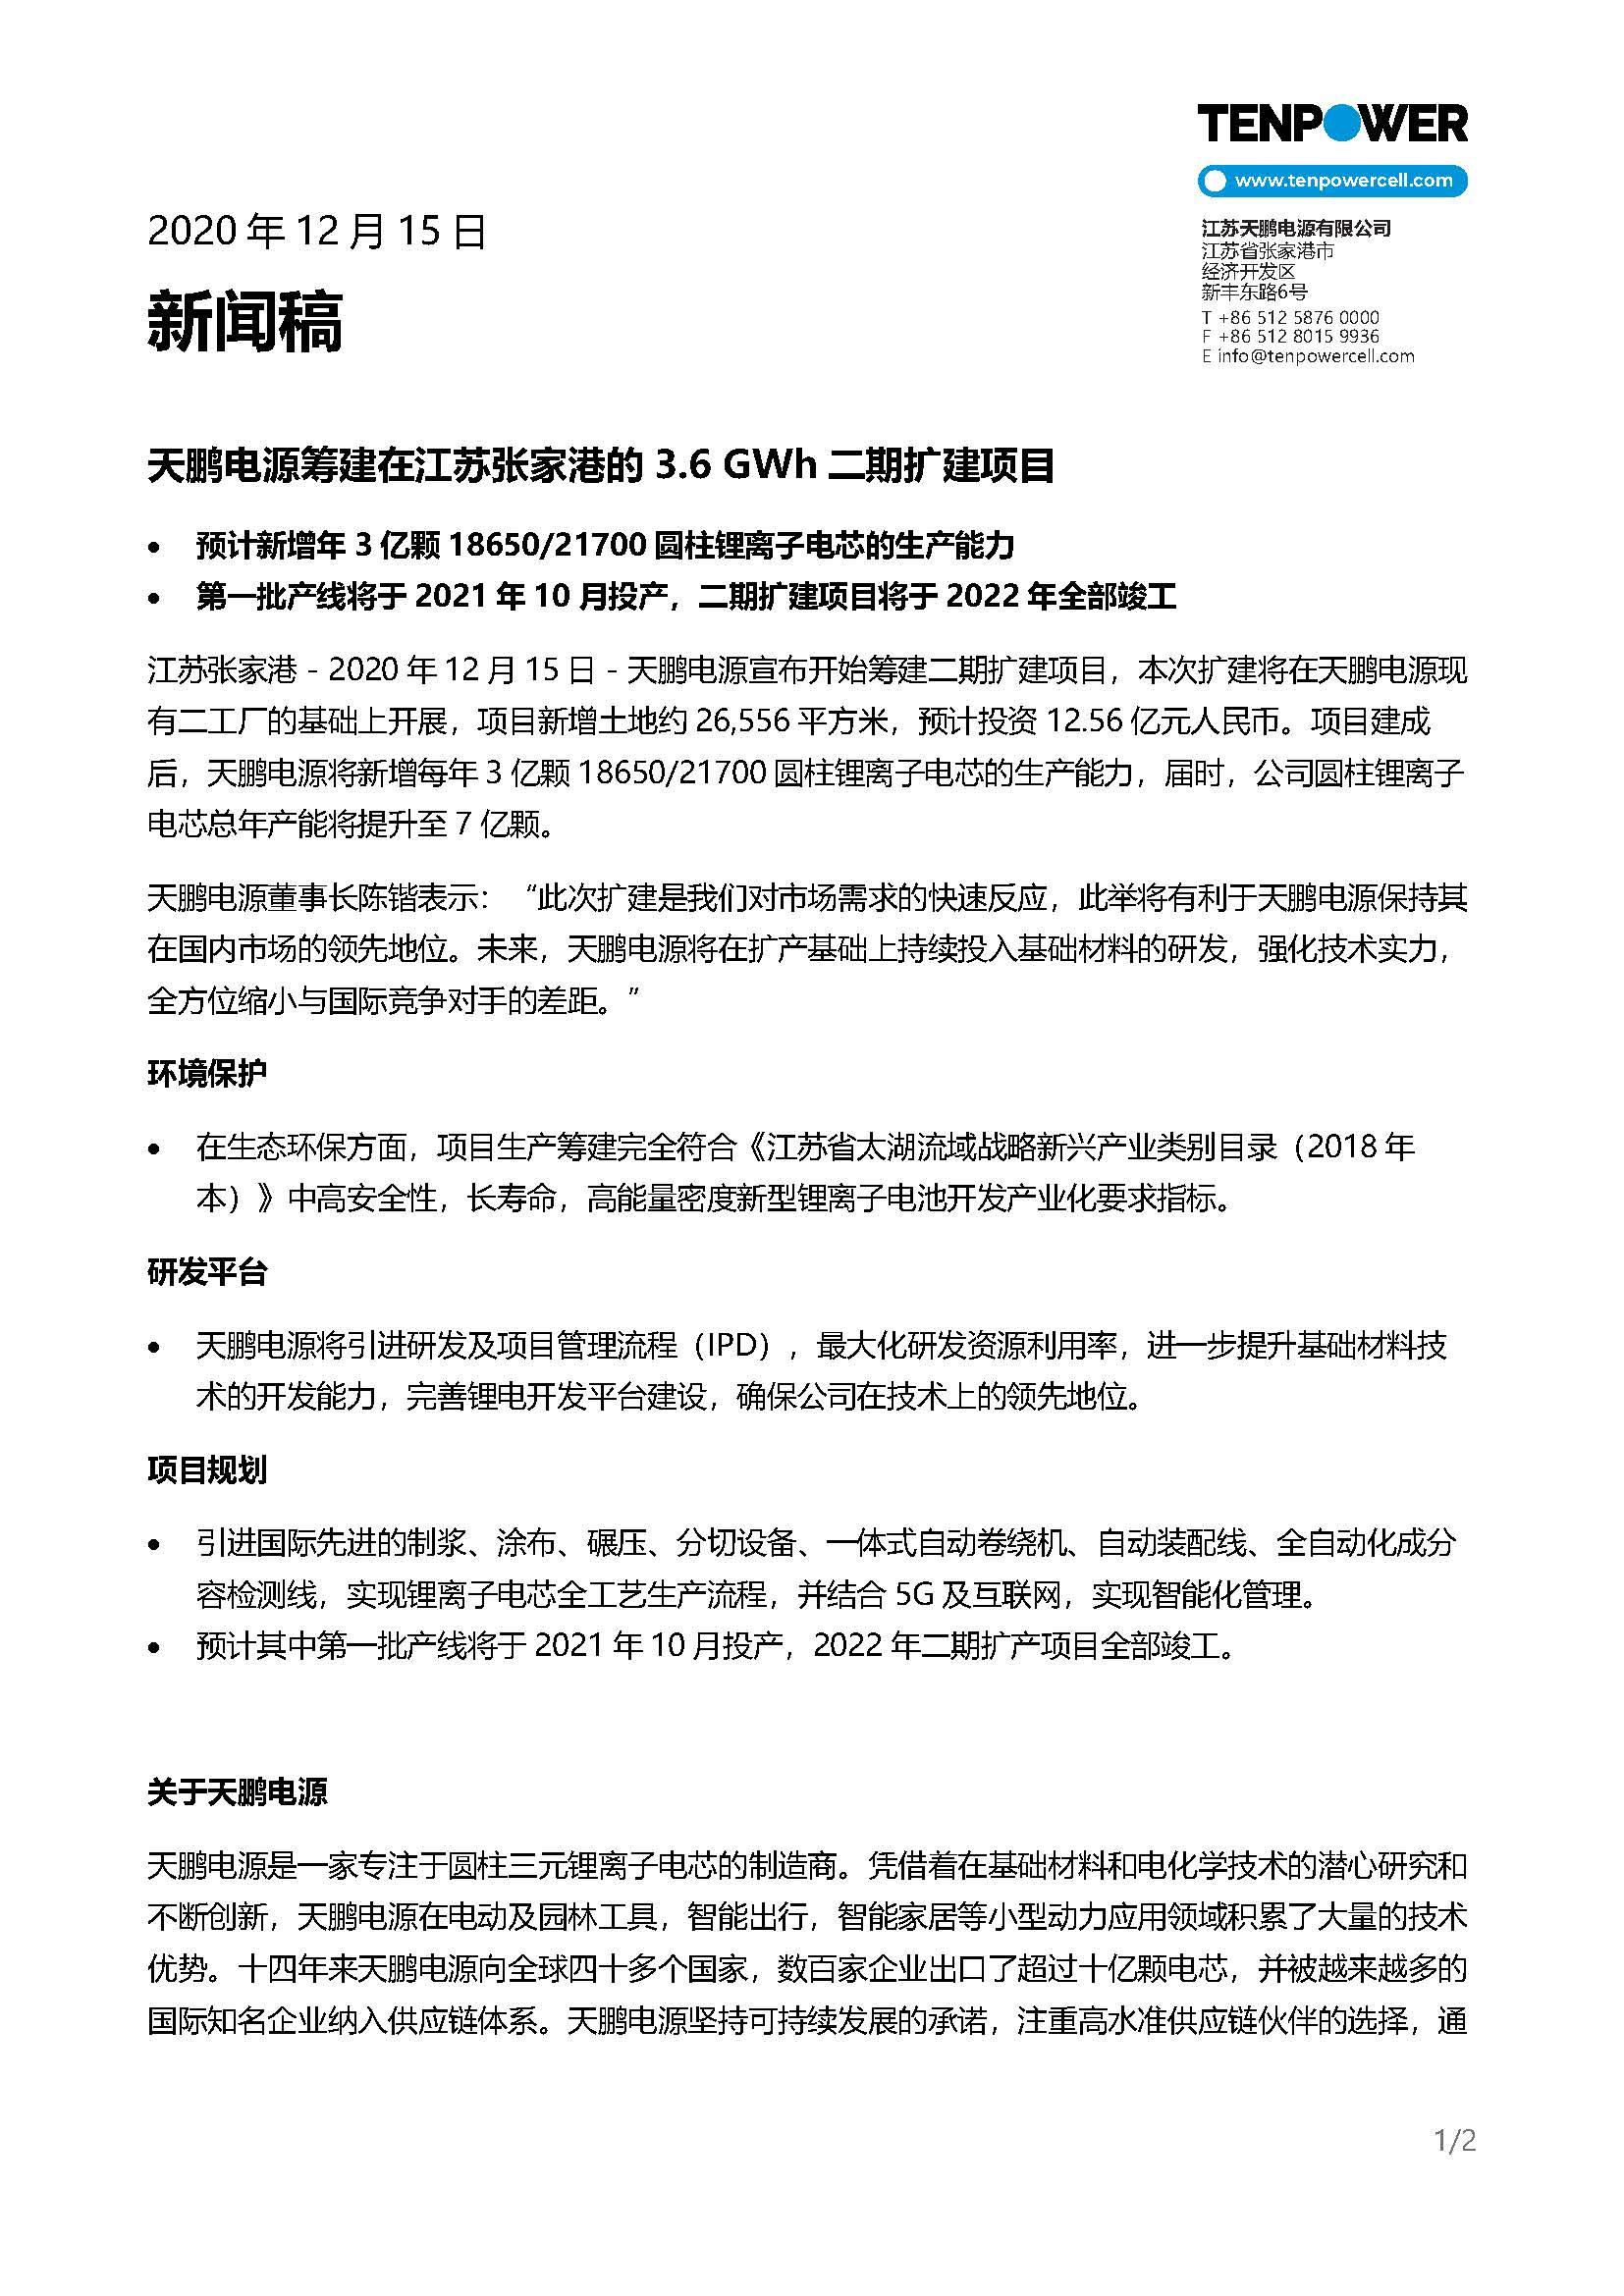 天鹏电源筹建在江苏张家港的3.6 GWh二期扩建项目 - 文档下载